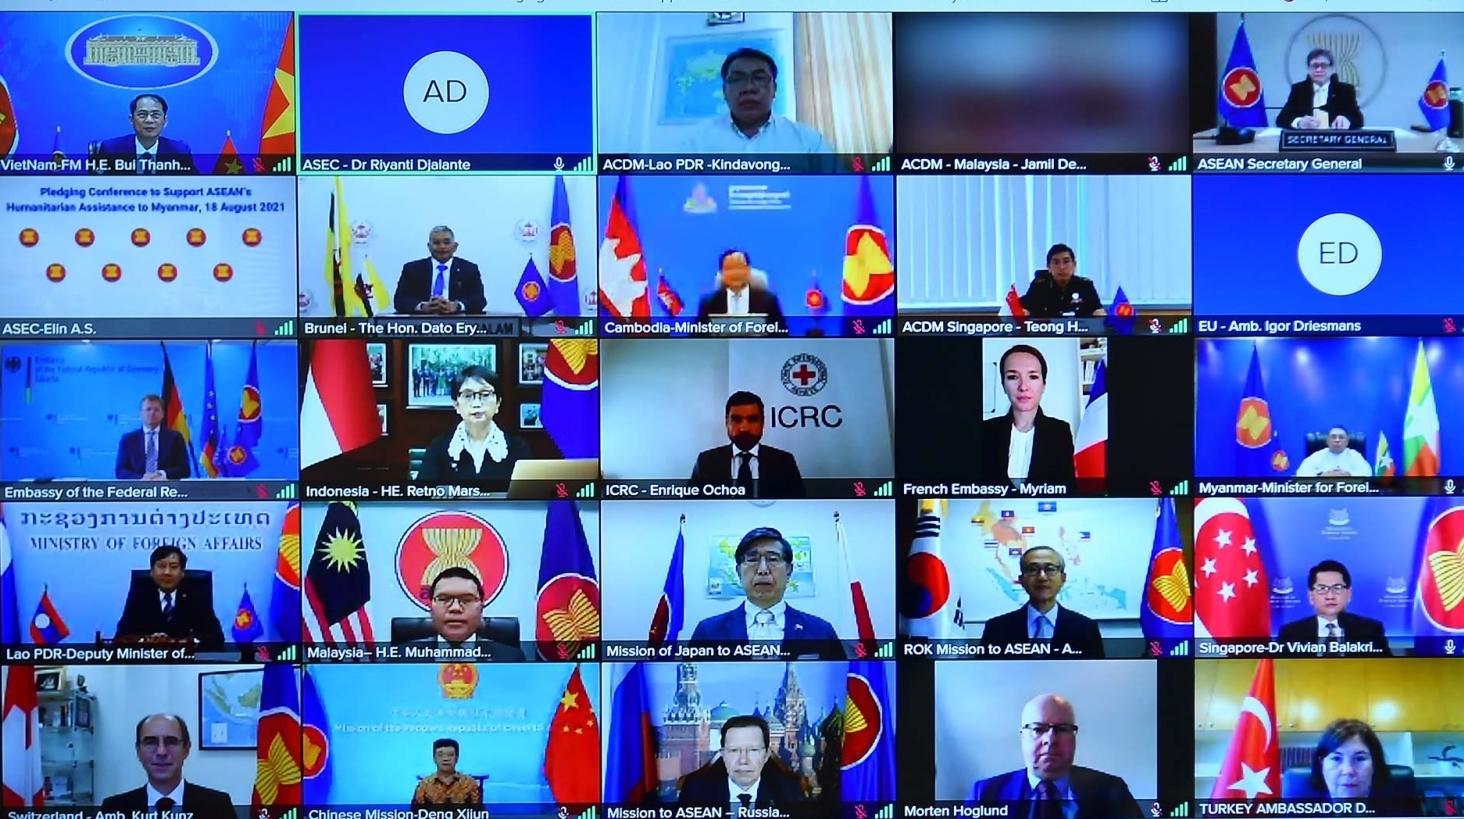 Hội nghị trực tuyến huy động hỗ trợ nhân đạo của ASEAN cho Myanmar